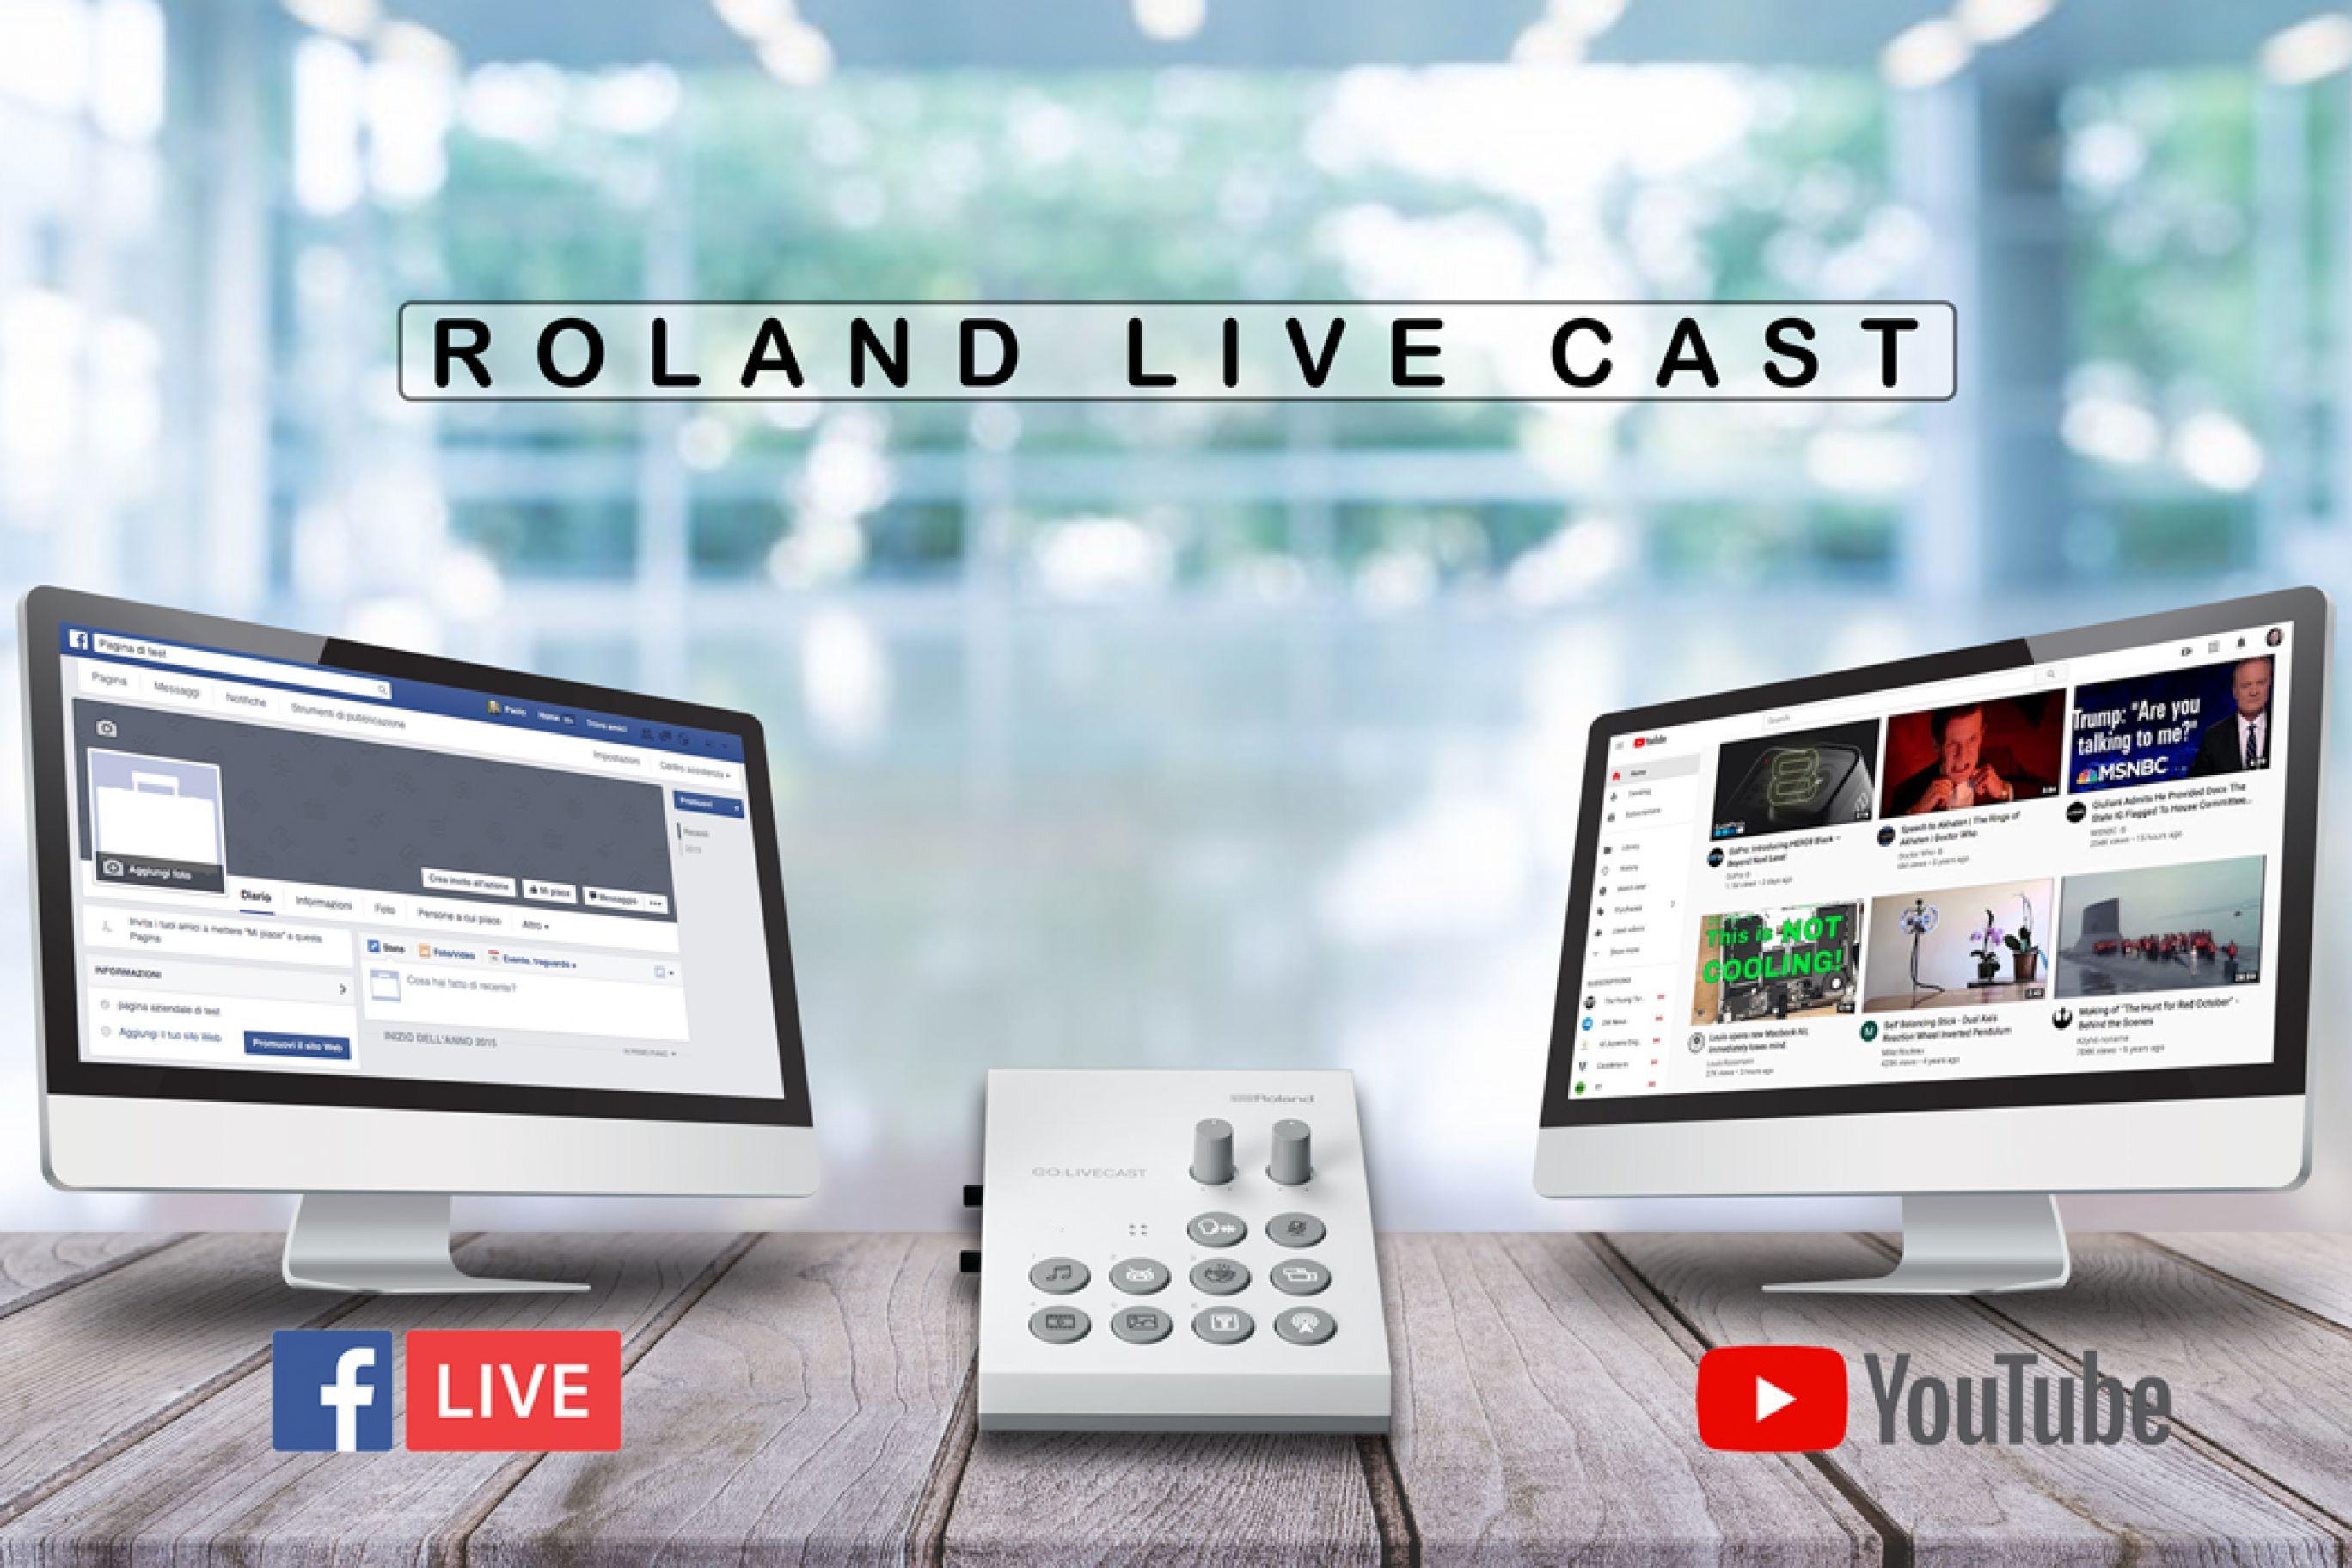 Come fare video live su Facebook o Youtube? Con il Roland Live Cast